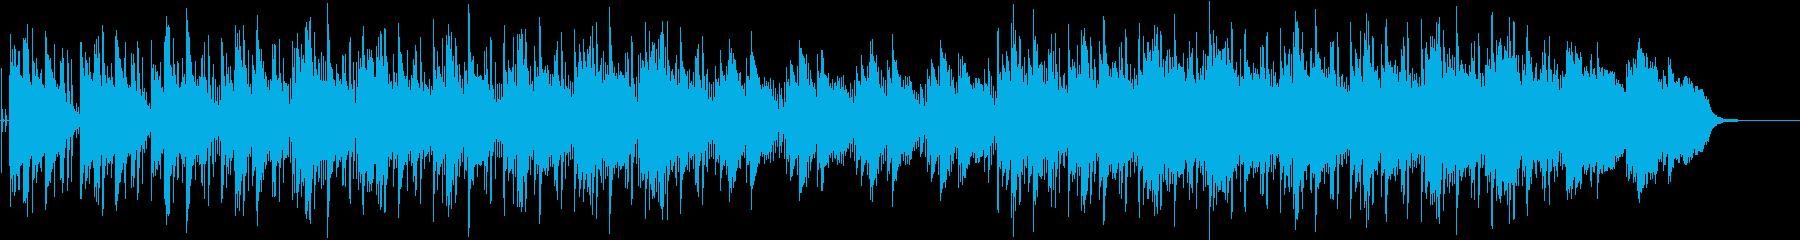 ほっとする優しいチルアウト リラックスの再生済みの波形